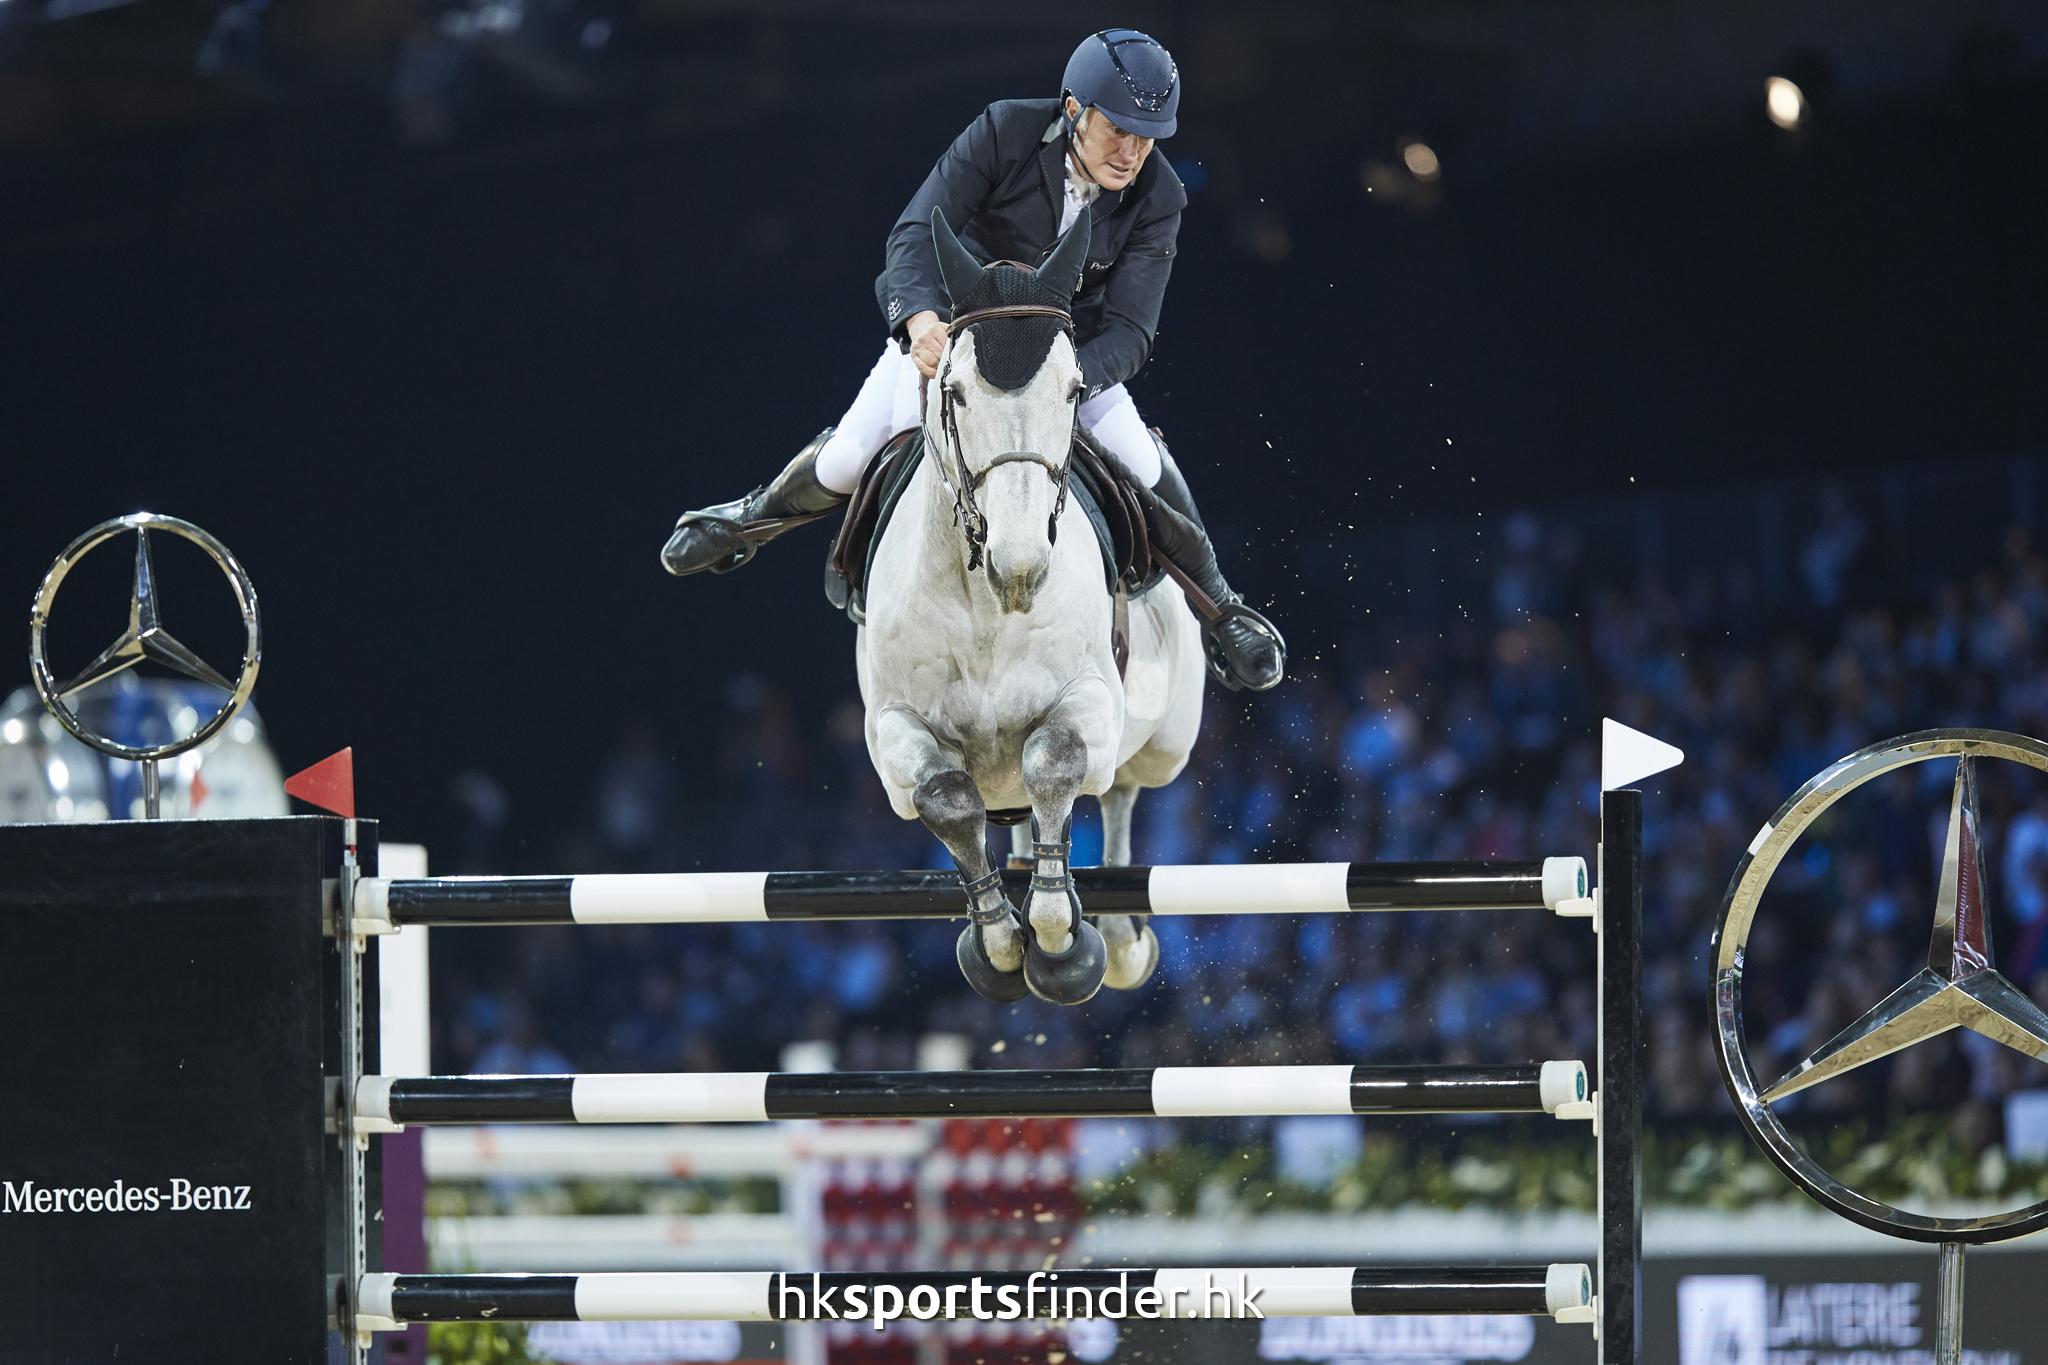 LUK_HORSE_17-02-12-16-31-42_0914.jpg